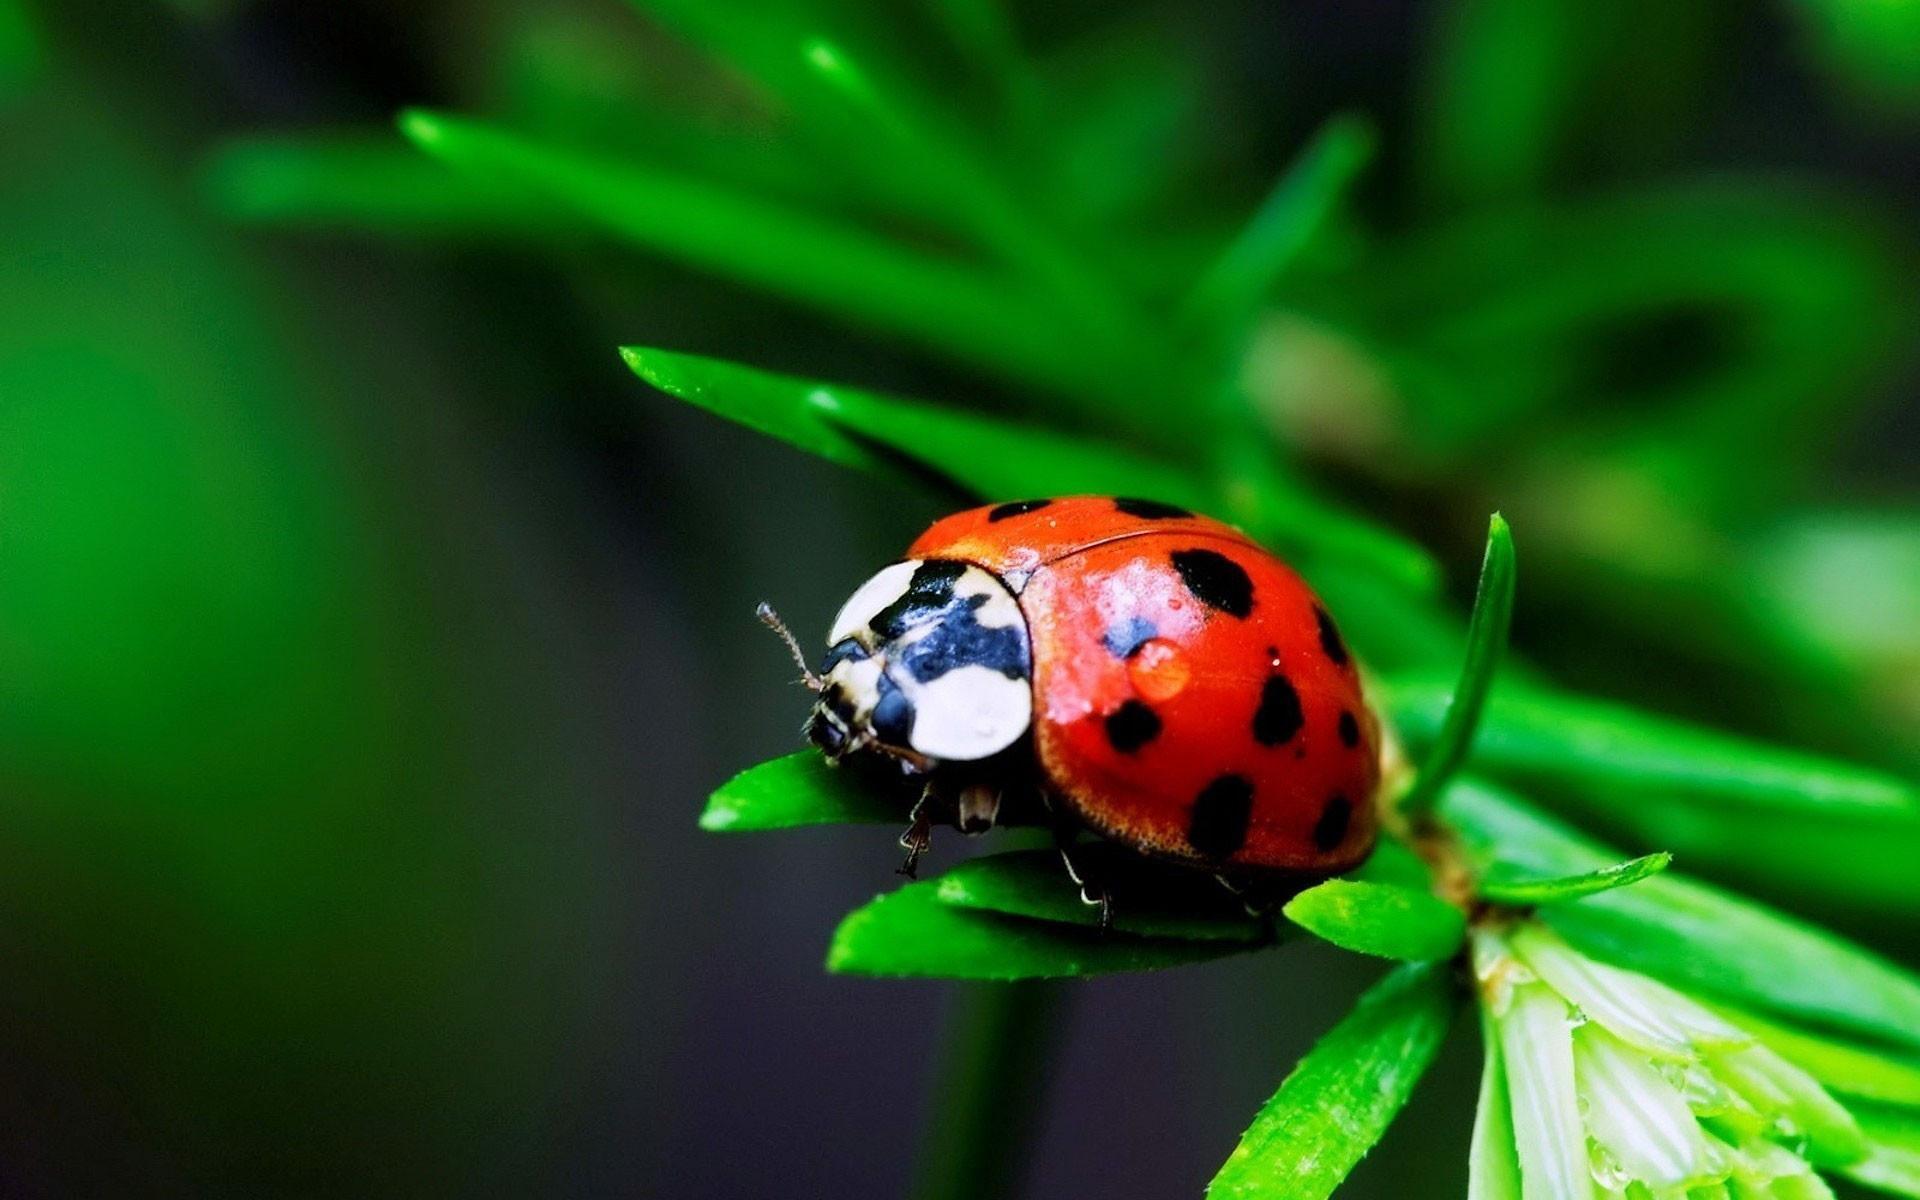 природа трава божья коровка животные насекомое загрузить